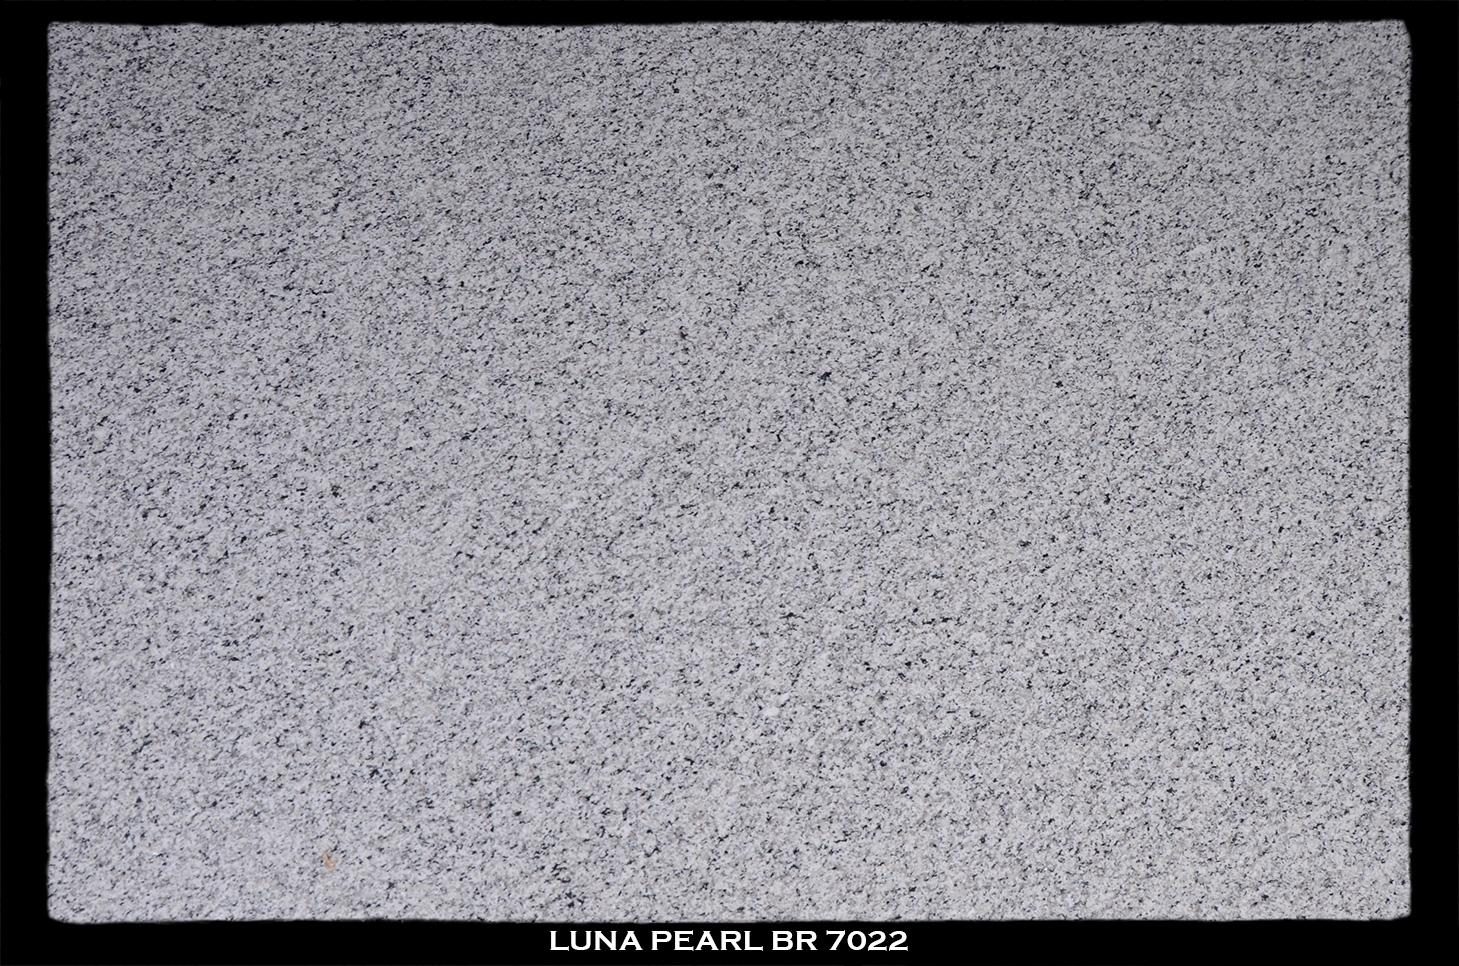 LUNA-PEARL-br-7022-slab